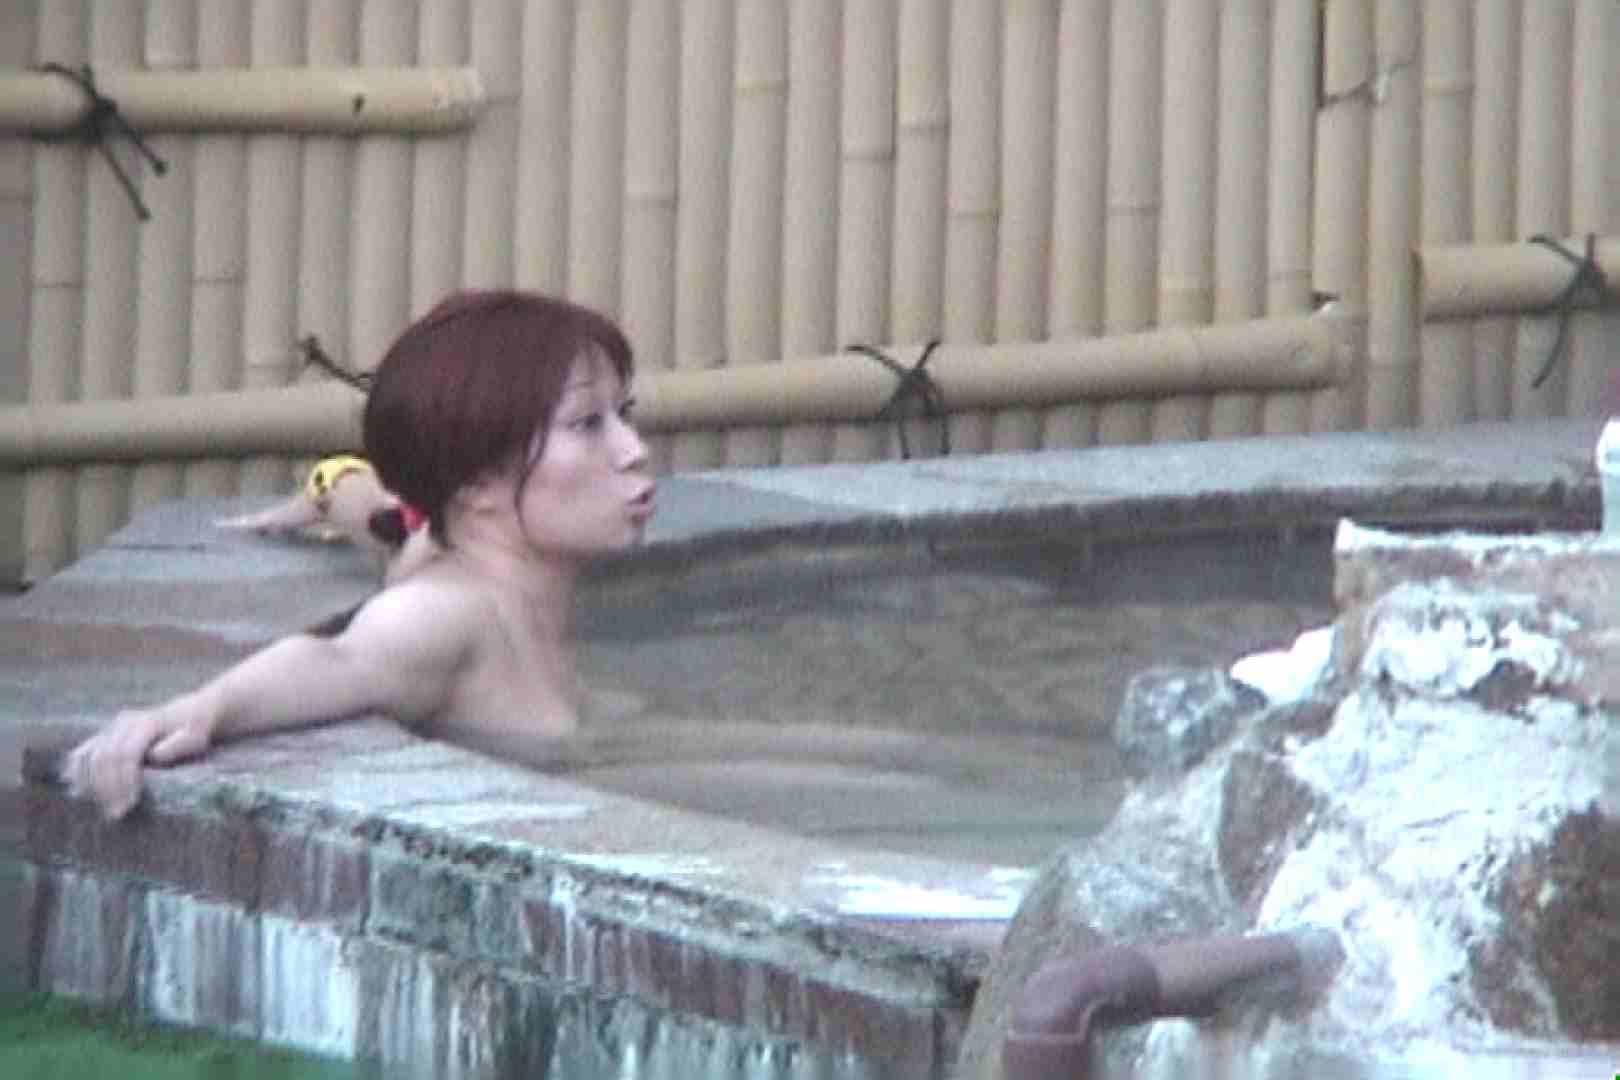 Aquaな露天風呂Vol.561 OLセックス のぞき動画画像 75画像 41